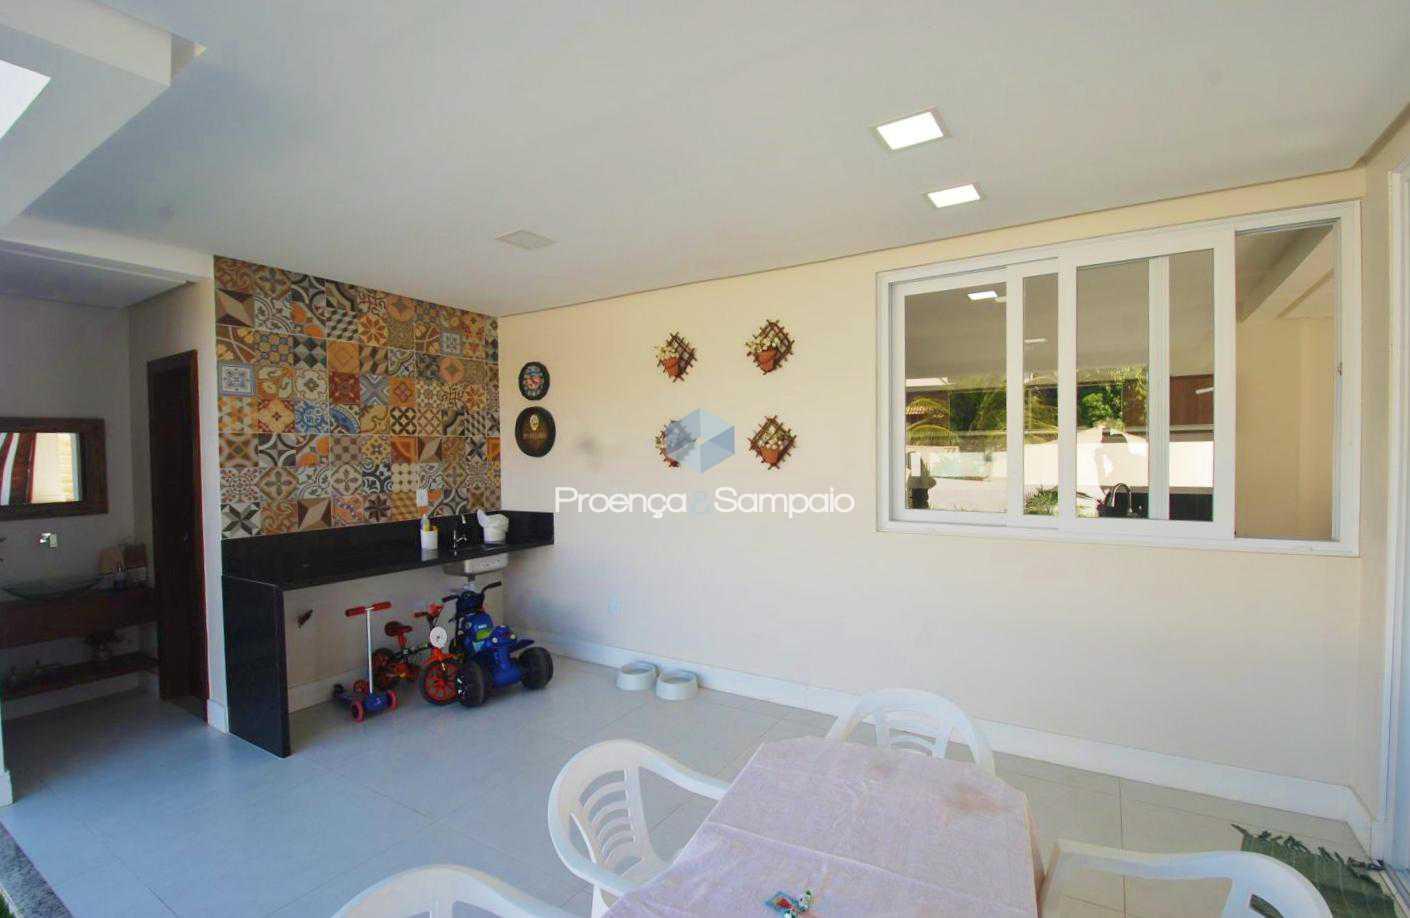 FOTO11 - Casa em Condominio À Venda - Lauro de Freitas - BA - Miragem - PSCN40024 - 13